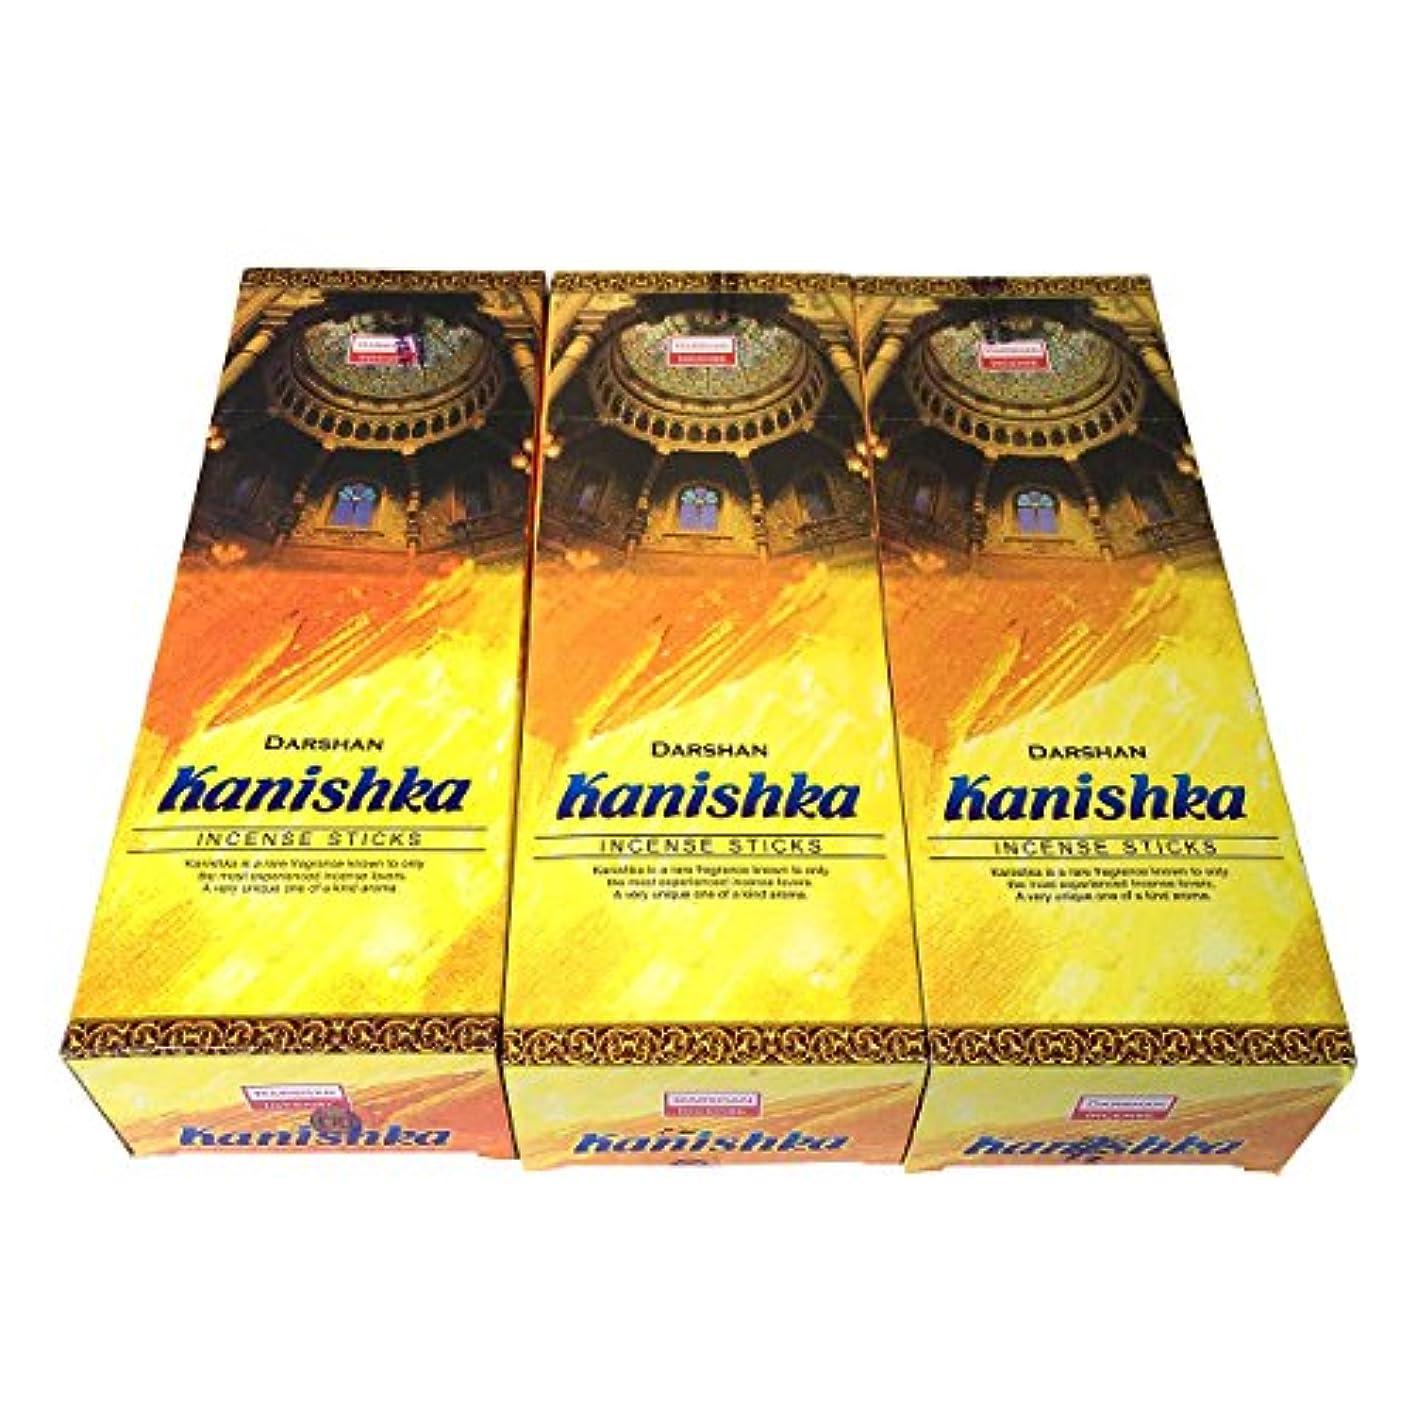 風邪をひく作りますクリックカニシュカ香スティック 3BOX(18箱) /DARSHAN KANISHKA/インセンス/インド香 お香 [並行輸入品]